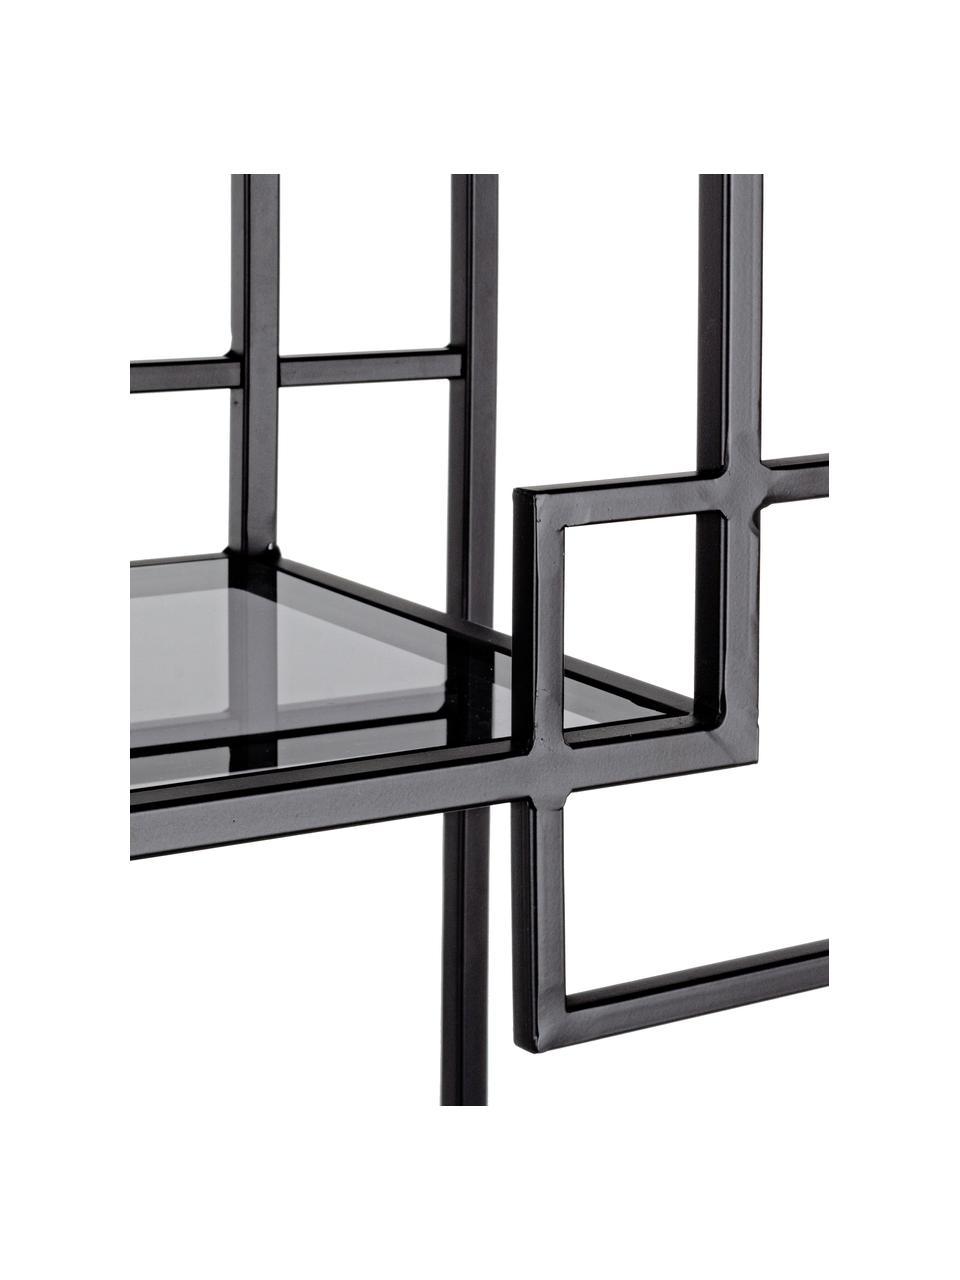 Metall-Standregal Korvet in Schwarz mit Glasböden, Gestell: Metall, epoxidiert und pu, Einlegeböden: Glas, Schwarz, Grau, transparent, 71 x 183 cm